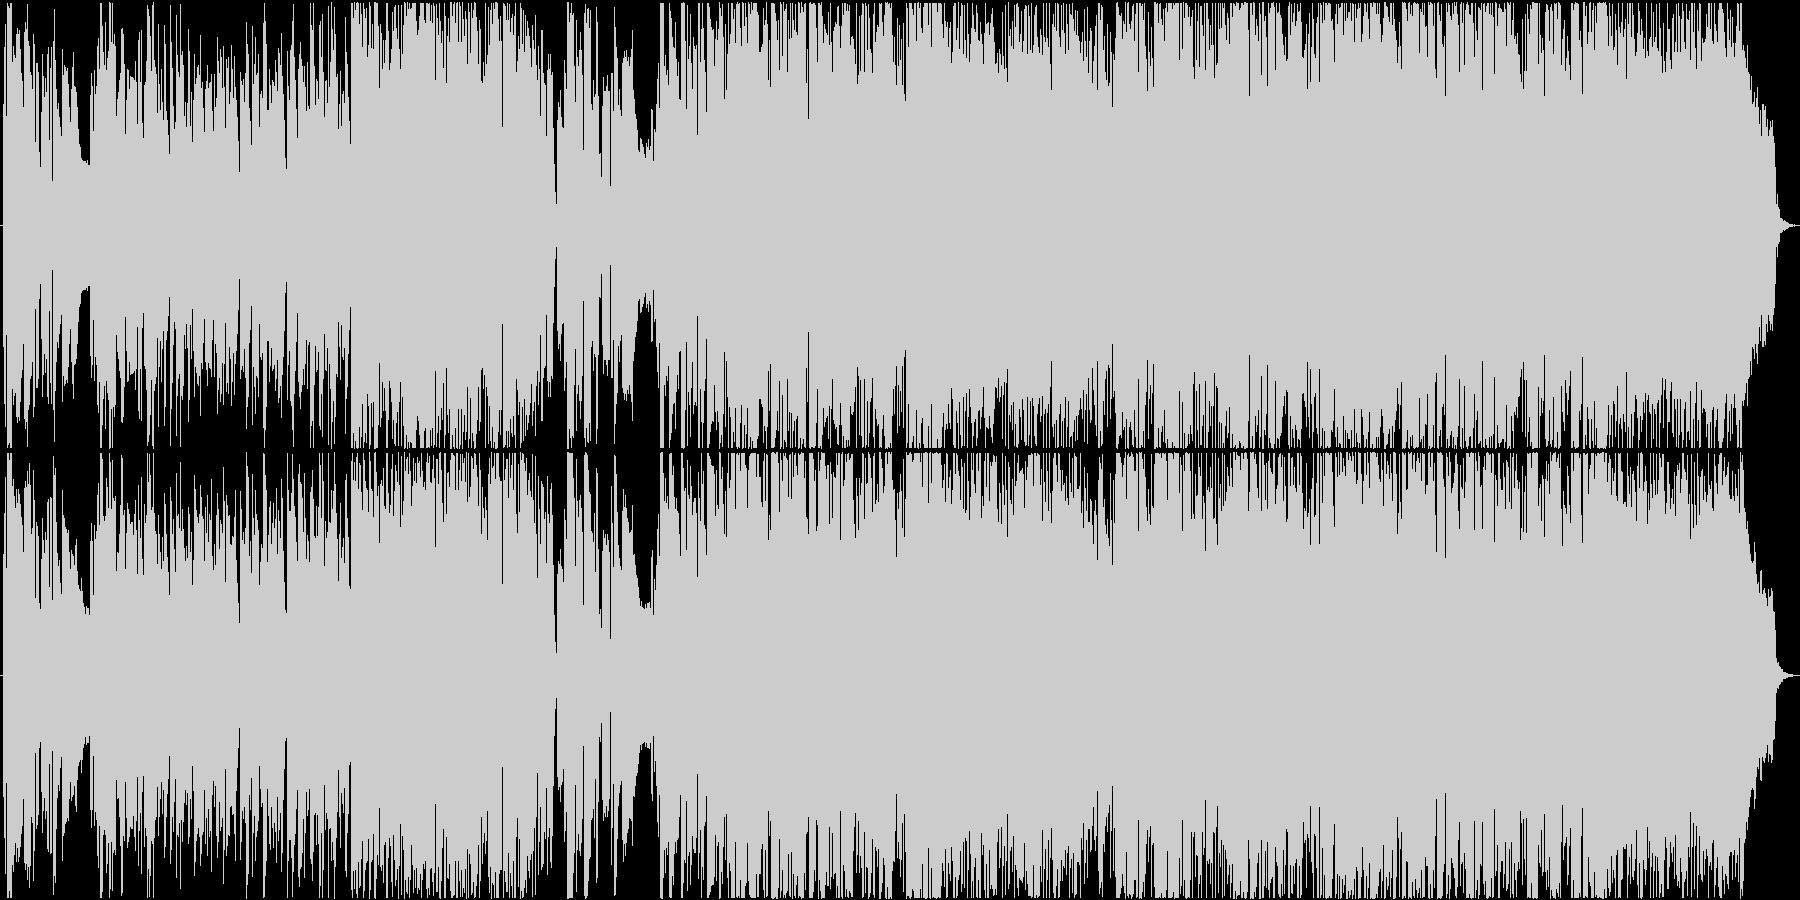 暗い、後ろ向きなバンドサウンドの曲ですの未再生の波形